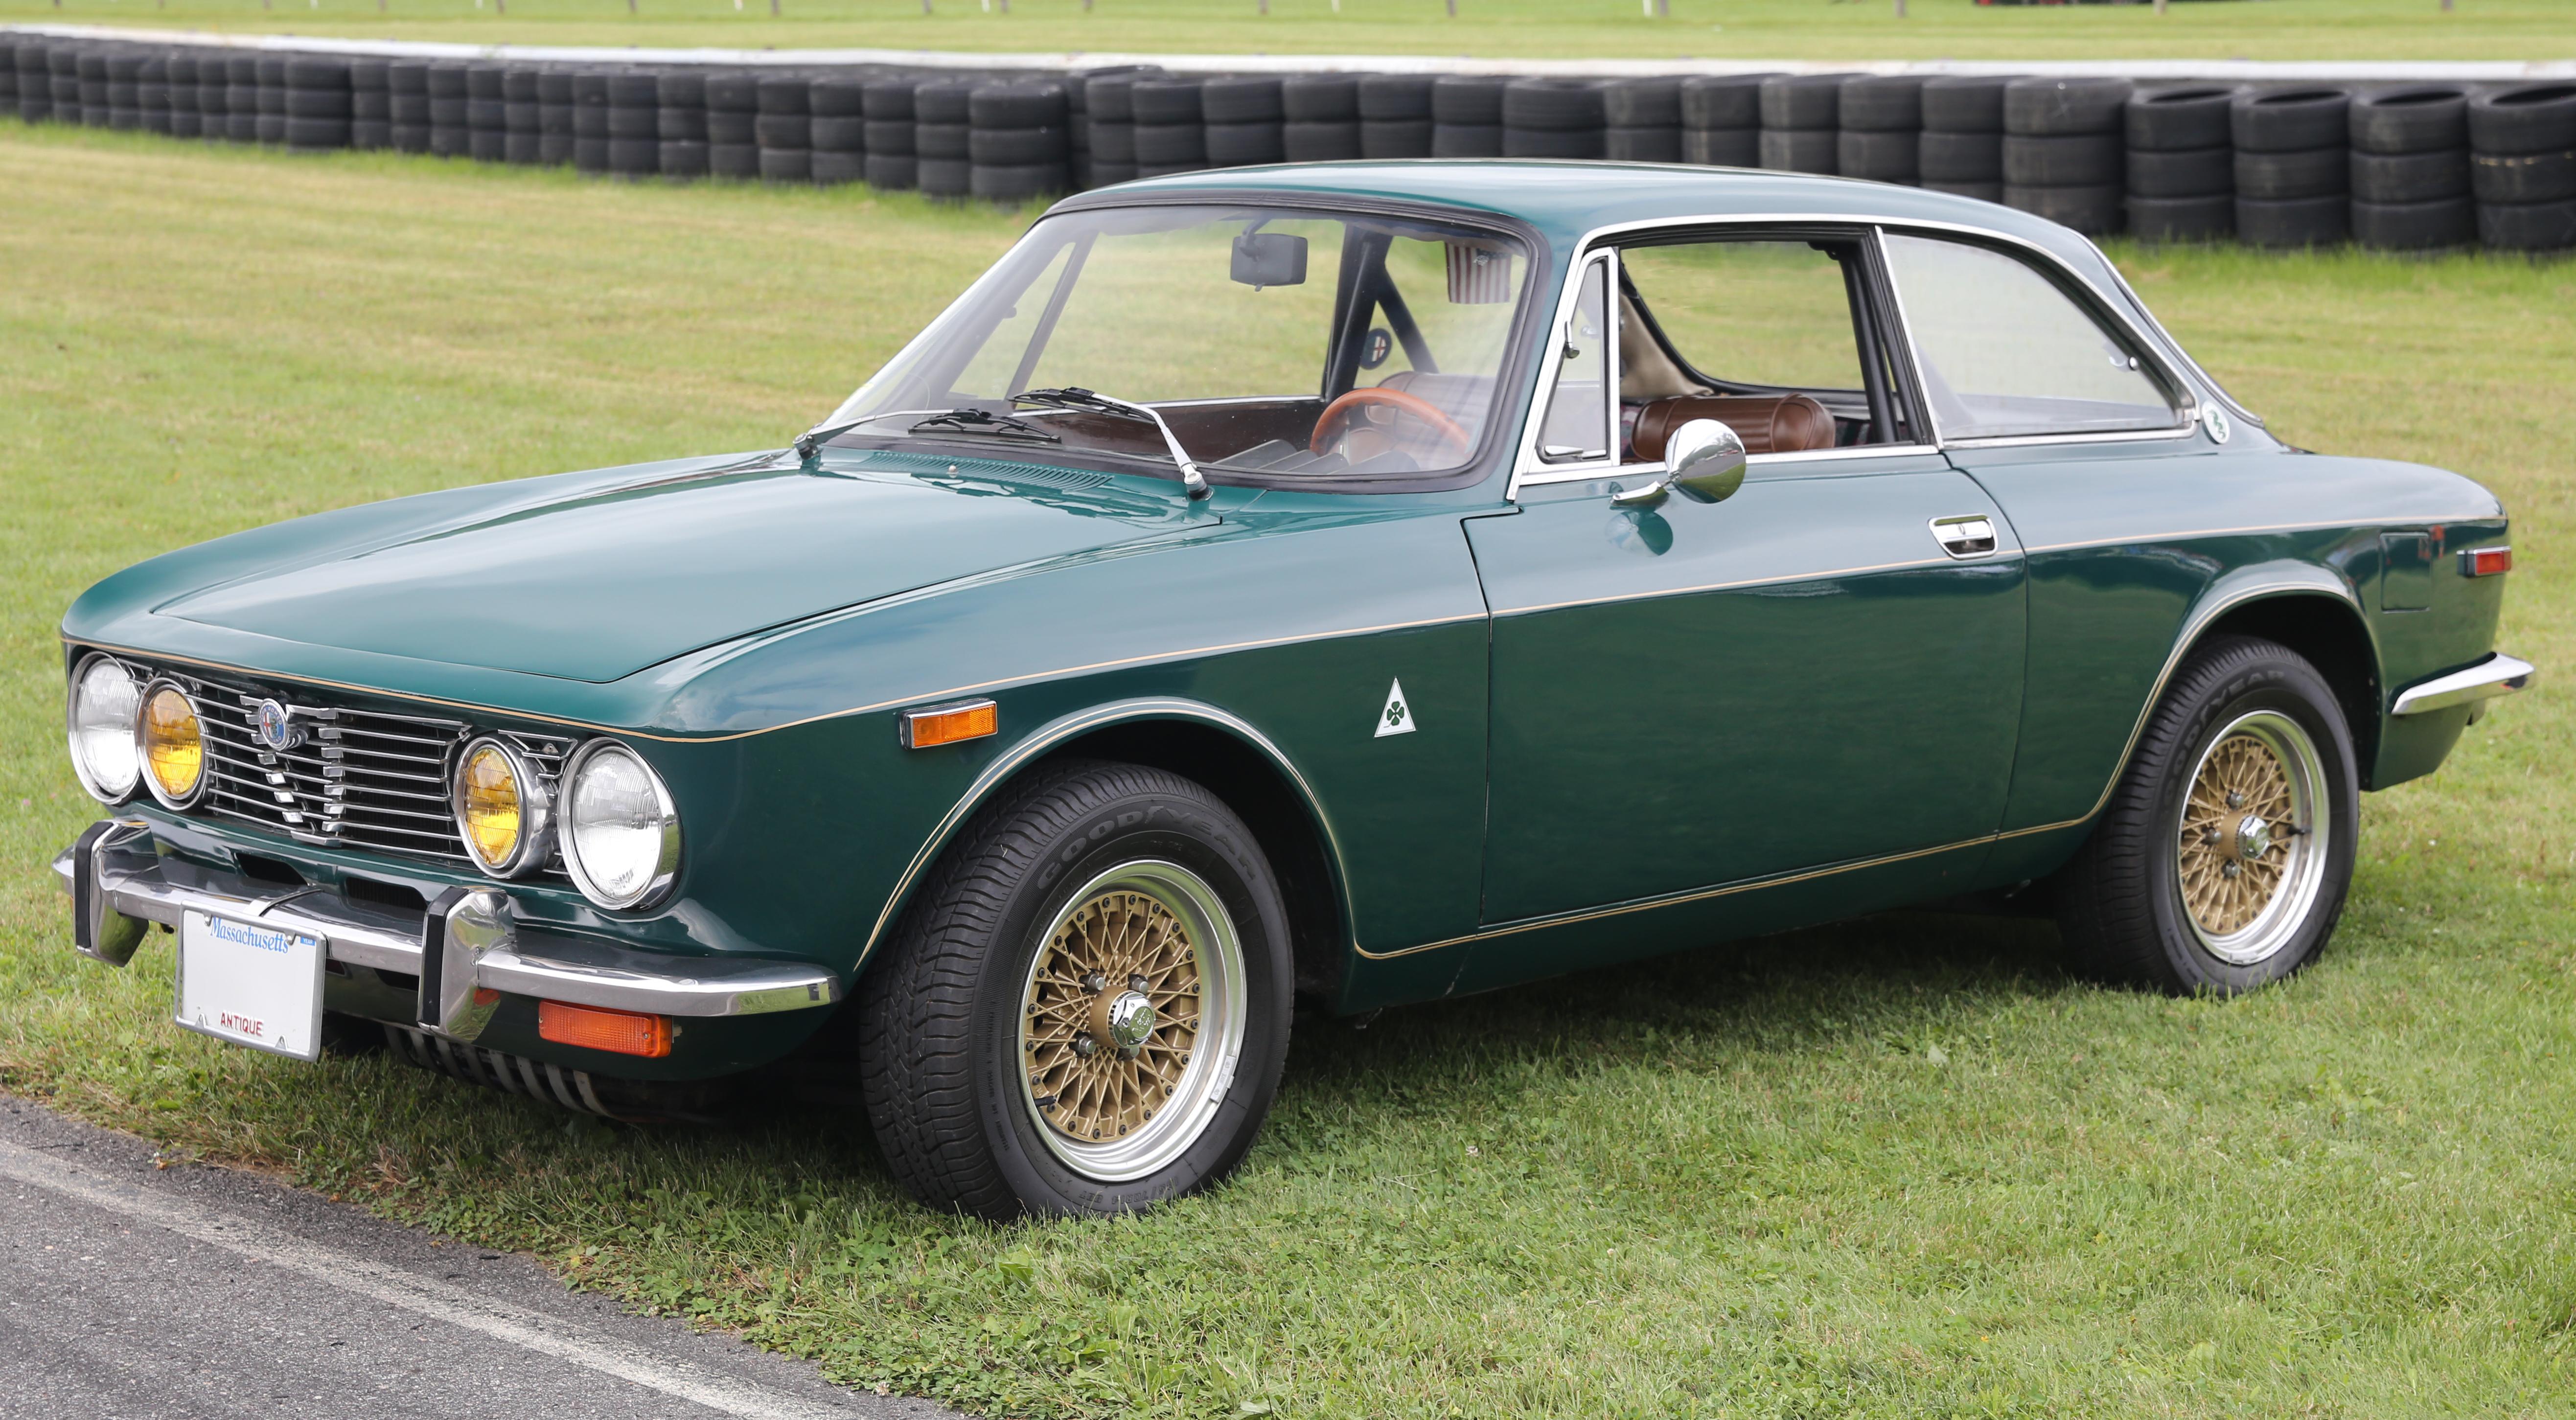 Alfa romeo gt 2000 veloce 1972